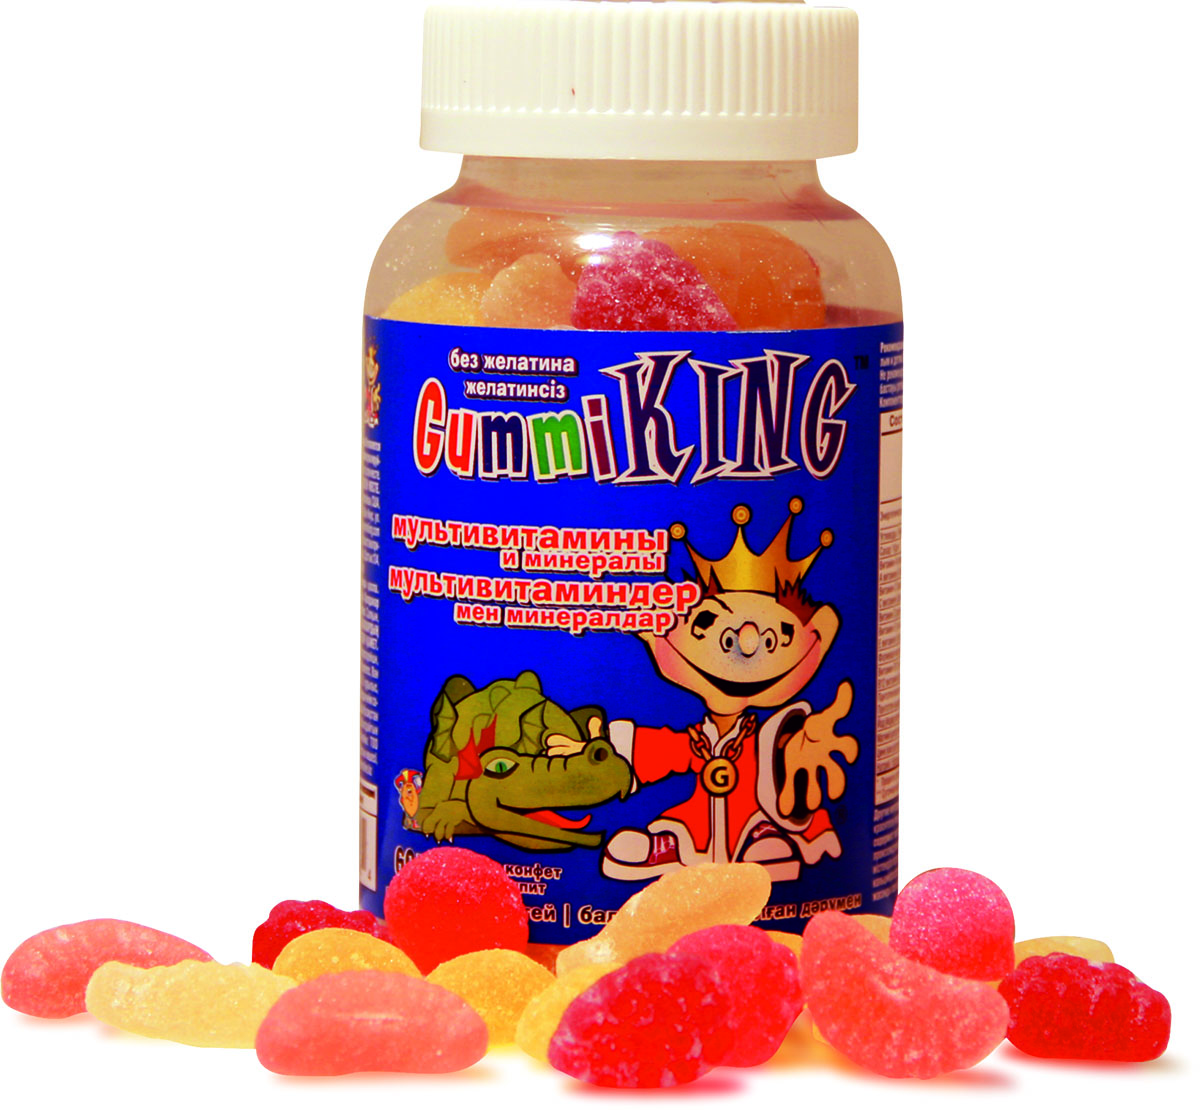 Мультивитамины Gummi King, жевательные конфеты, 30 штV0000007484Полный комплекс витаминов и минераловСпособствуют росту и развитиюУкрепляют иммунную систему ребёнкаПолезны для нервной системы и здорового снаПовышают умственную работоспособностьГипоаллергенны и не содержат желатинаНе содержат синтетических ароматизаторовСостав в 1 пастилке: витамин А - 1250 ЕДвитамин С - 24 мгвитамин Д - 100 ЕДфолиевая кислота - 100 мкгвитамин Е - 7.5 ЕДвитамин В12 - 2 мкгпантотеновая кислота - 2.5мгйод - 38 мкгмагний - 4мгцинк - 3.8 мгнатрий - 8 мгПрочие ингредиенты: сироп тапиоки, вода, пектин, лимонная кислота, натуральные ароматизаторы и красители (концентраты свёклы, черники, куркумы), трикальция фосфат, клетчаткаТовар не является лекарственным средством.Товар не рекомендован для лиц младше 18 лет.Могут быть противопоказания и следует предварительно проконсультироваться со специалистом.